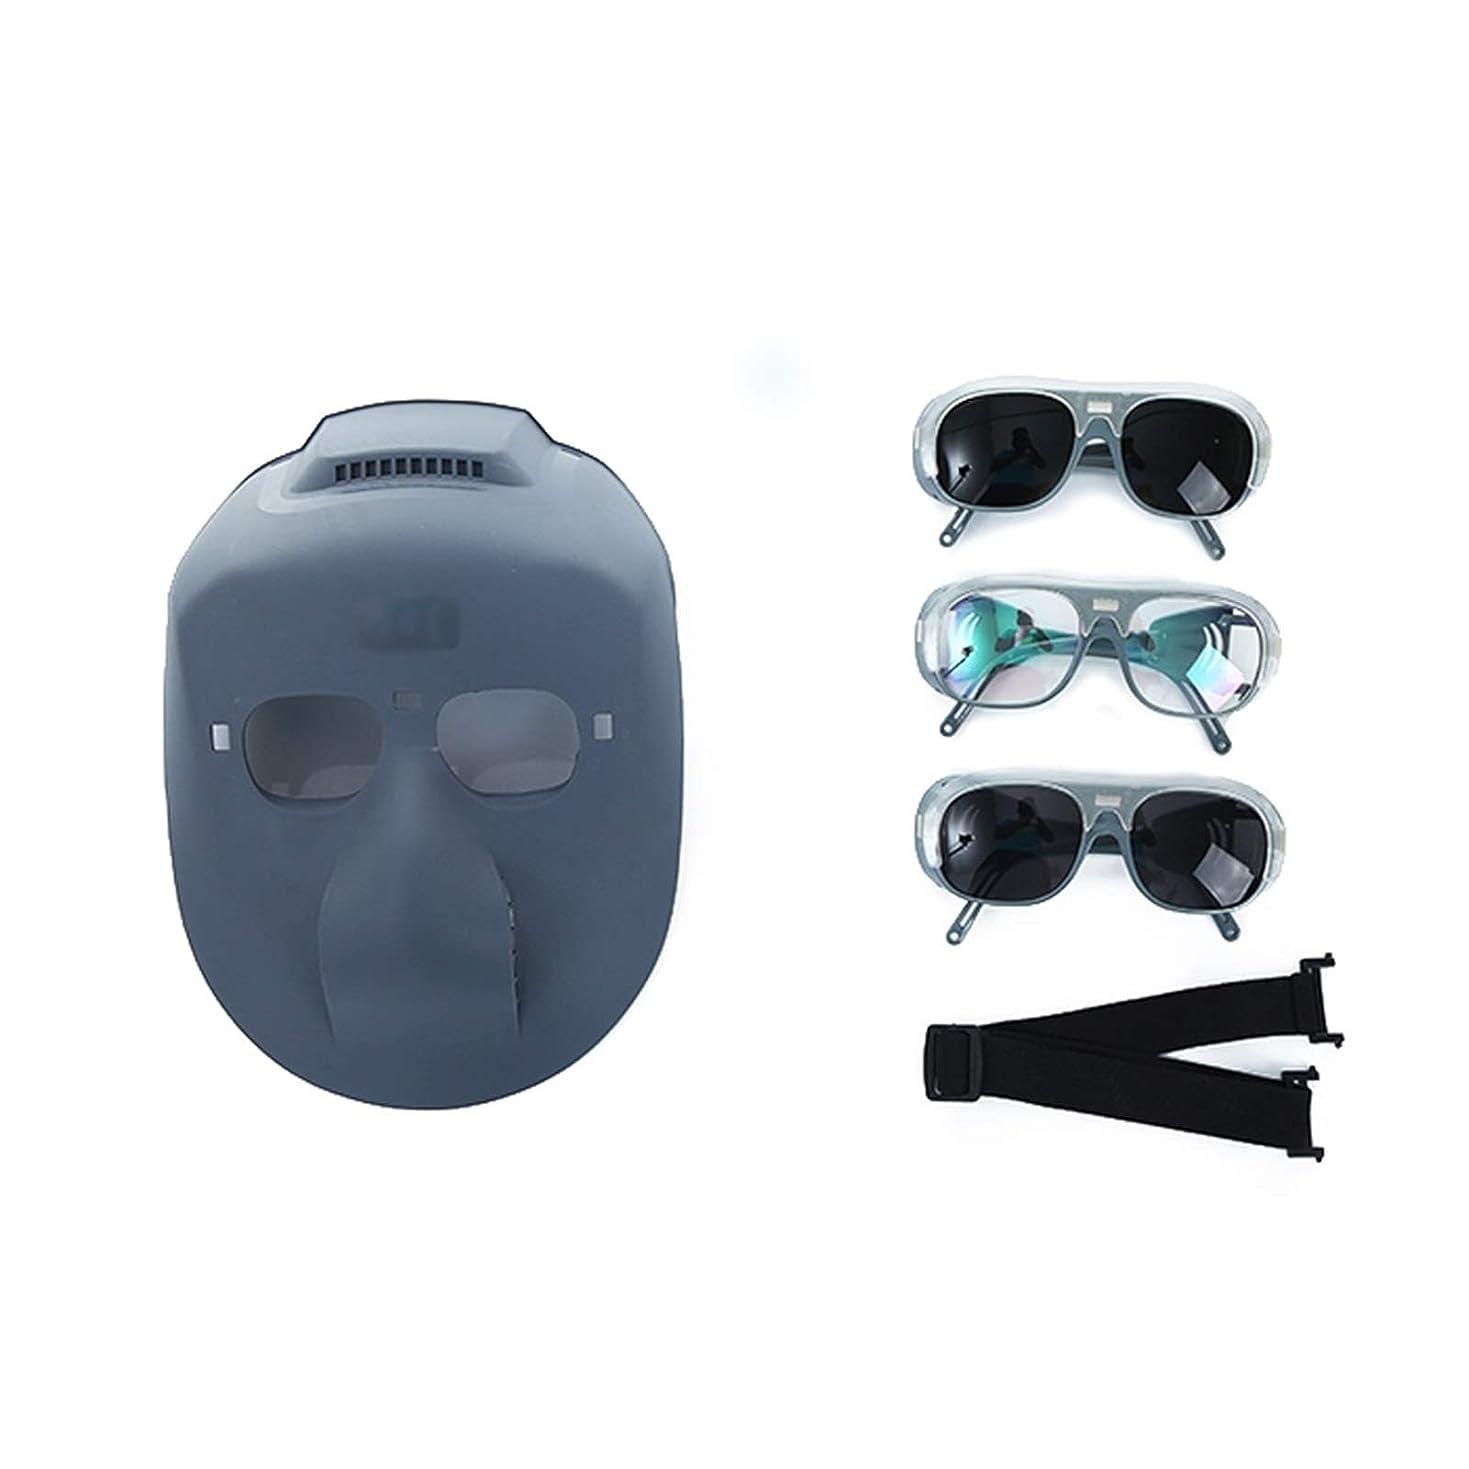 食用噂残る自動遮光溶接面 - 溶接マスク ヘッドマウントおよびイヤーマウント溶接アンチベーキング顔保護ヘルメット  溶接用品  メガネ3組  グレー